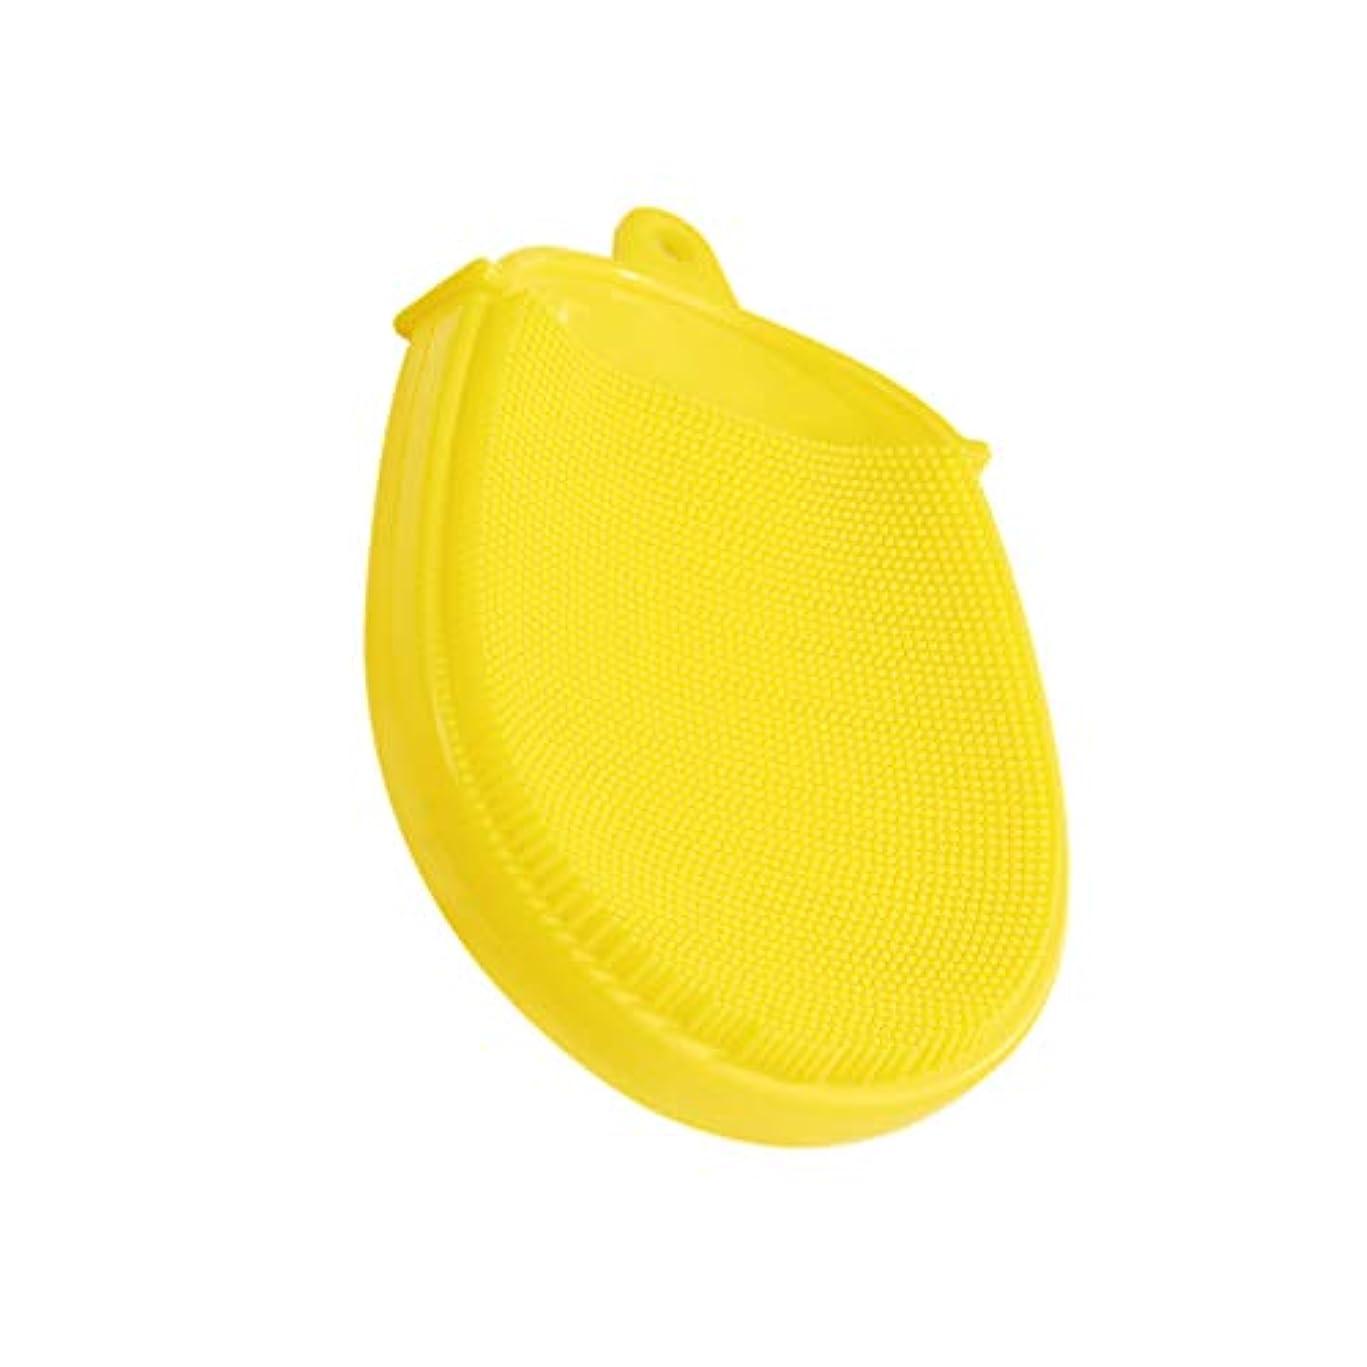 処理するグリーンランド説明的Heallily バスブラシシリコンボディブラシソフトマッサージバックブラシクレンジングスクラバーキッズバスアクセサリー(黄色)